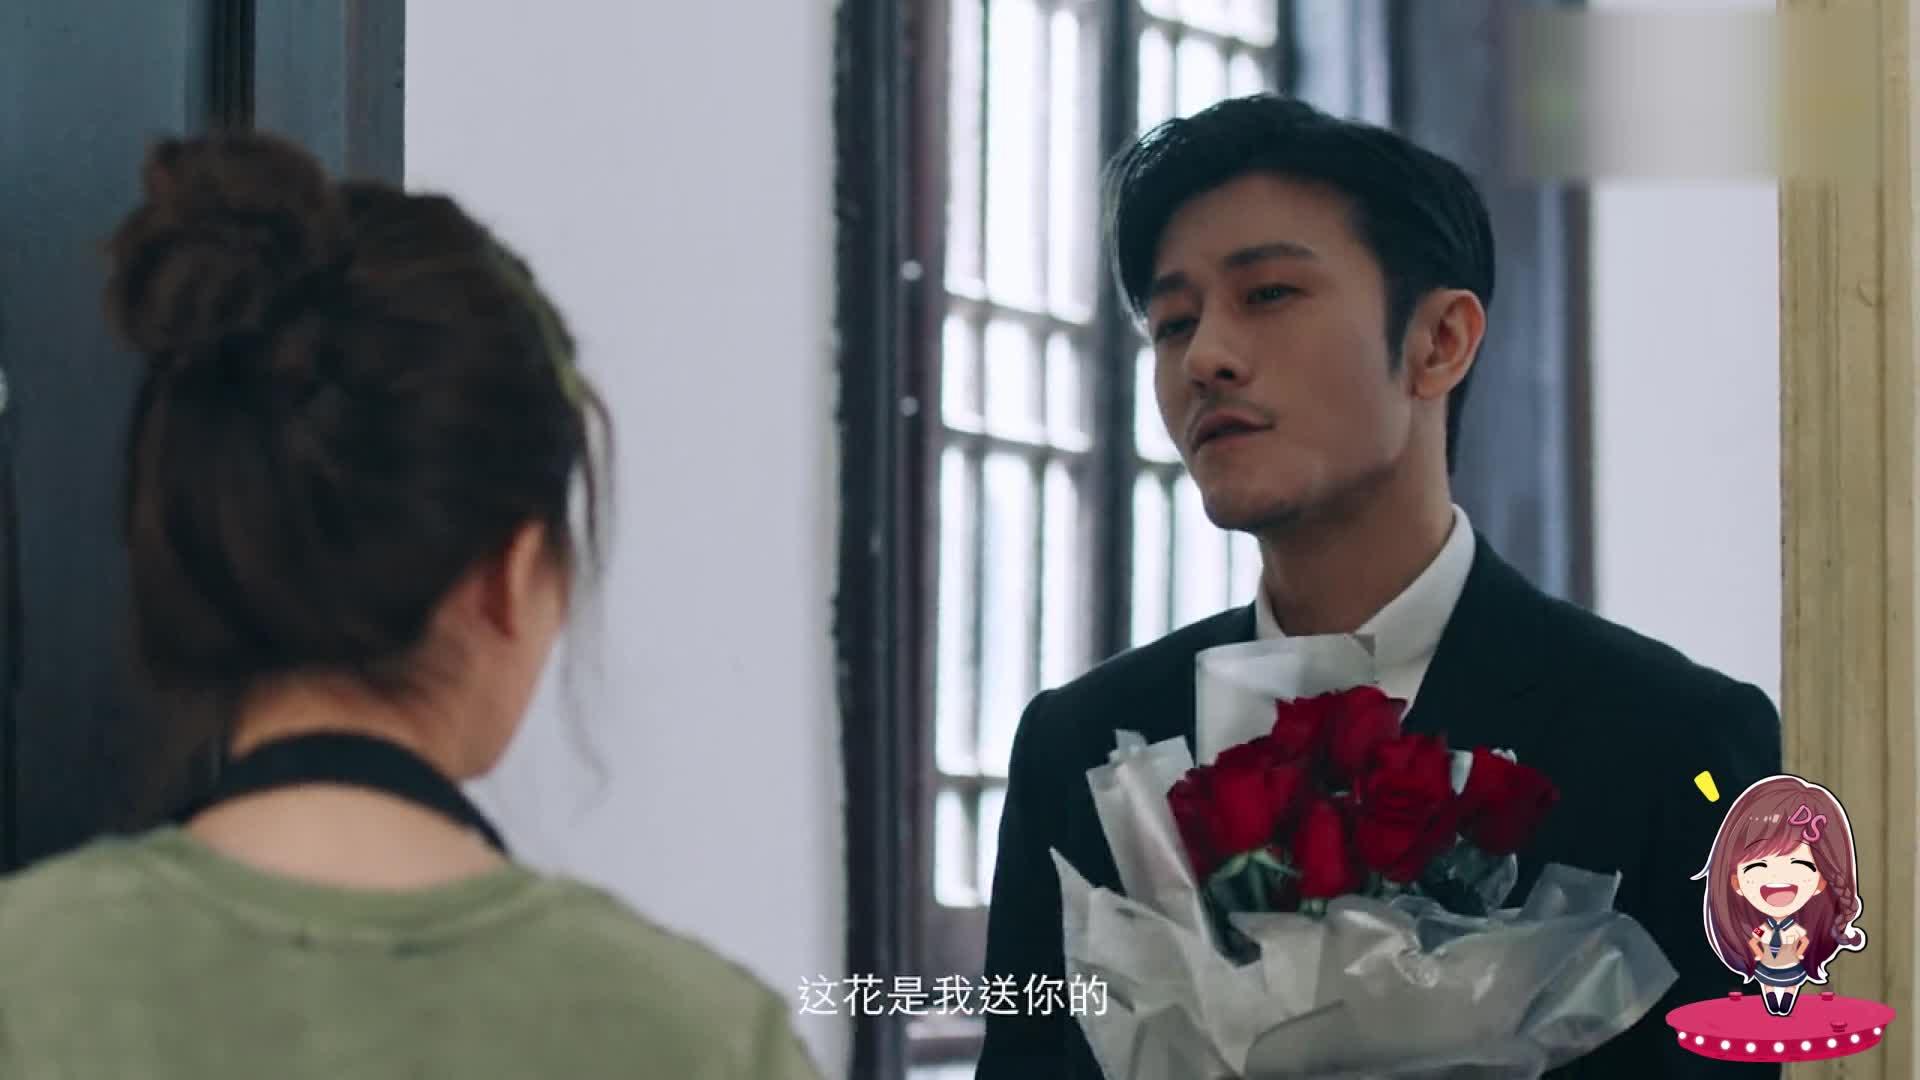 《我,喜欢你》林雨申X赵露思,主动出击吃定你,不甜打我!